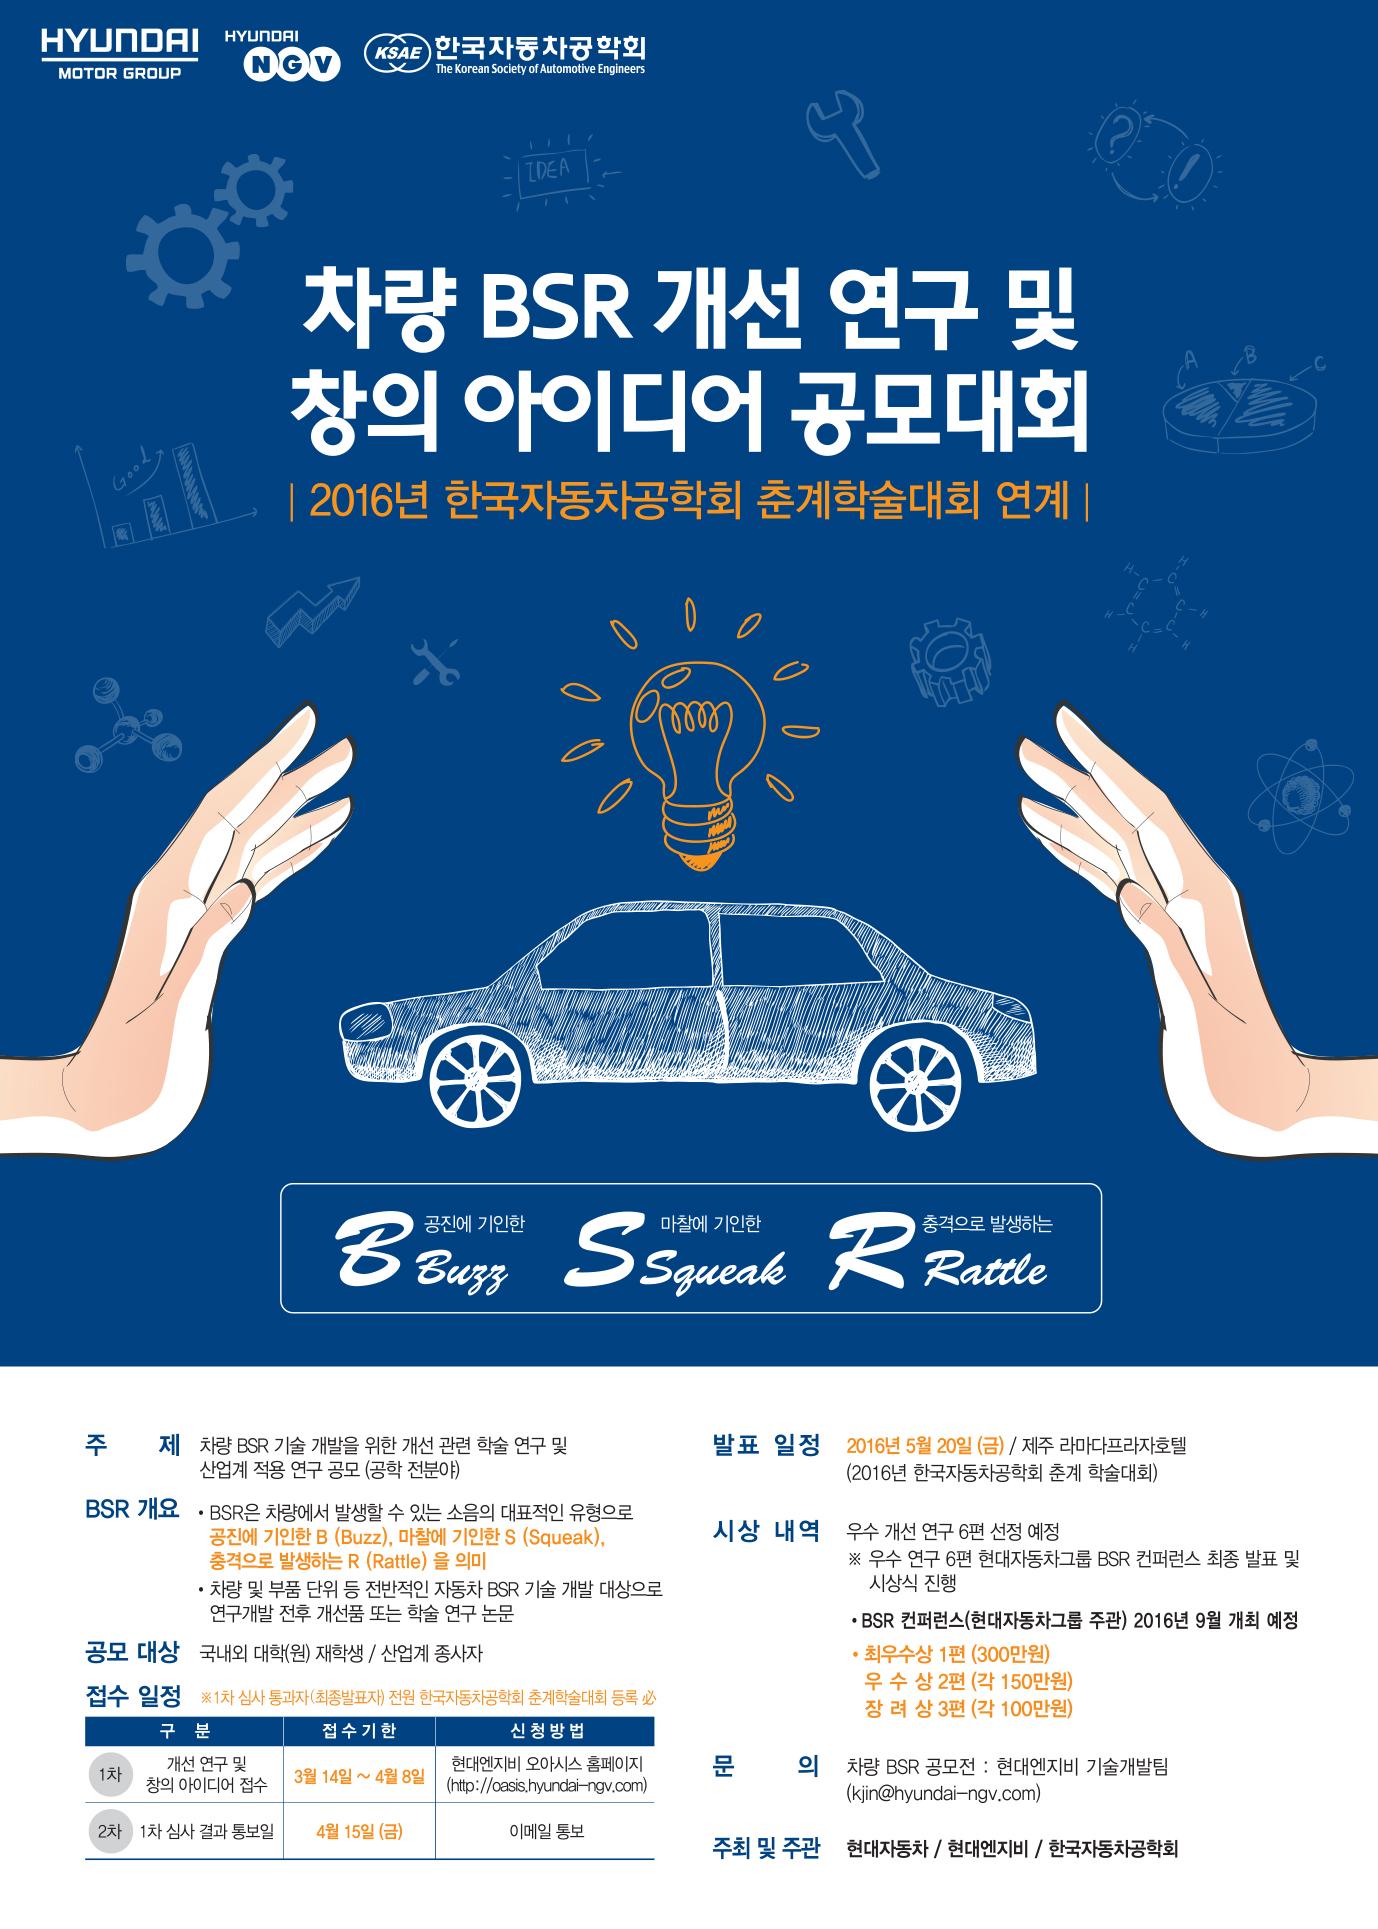 (현대자동차그룹) 차량 BSR 개선 연구 및 창의 아이디어 공모 포스터.jpg